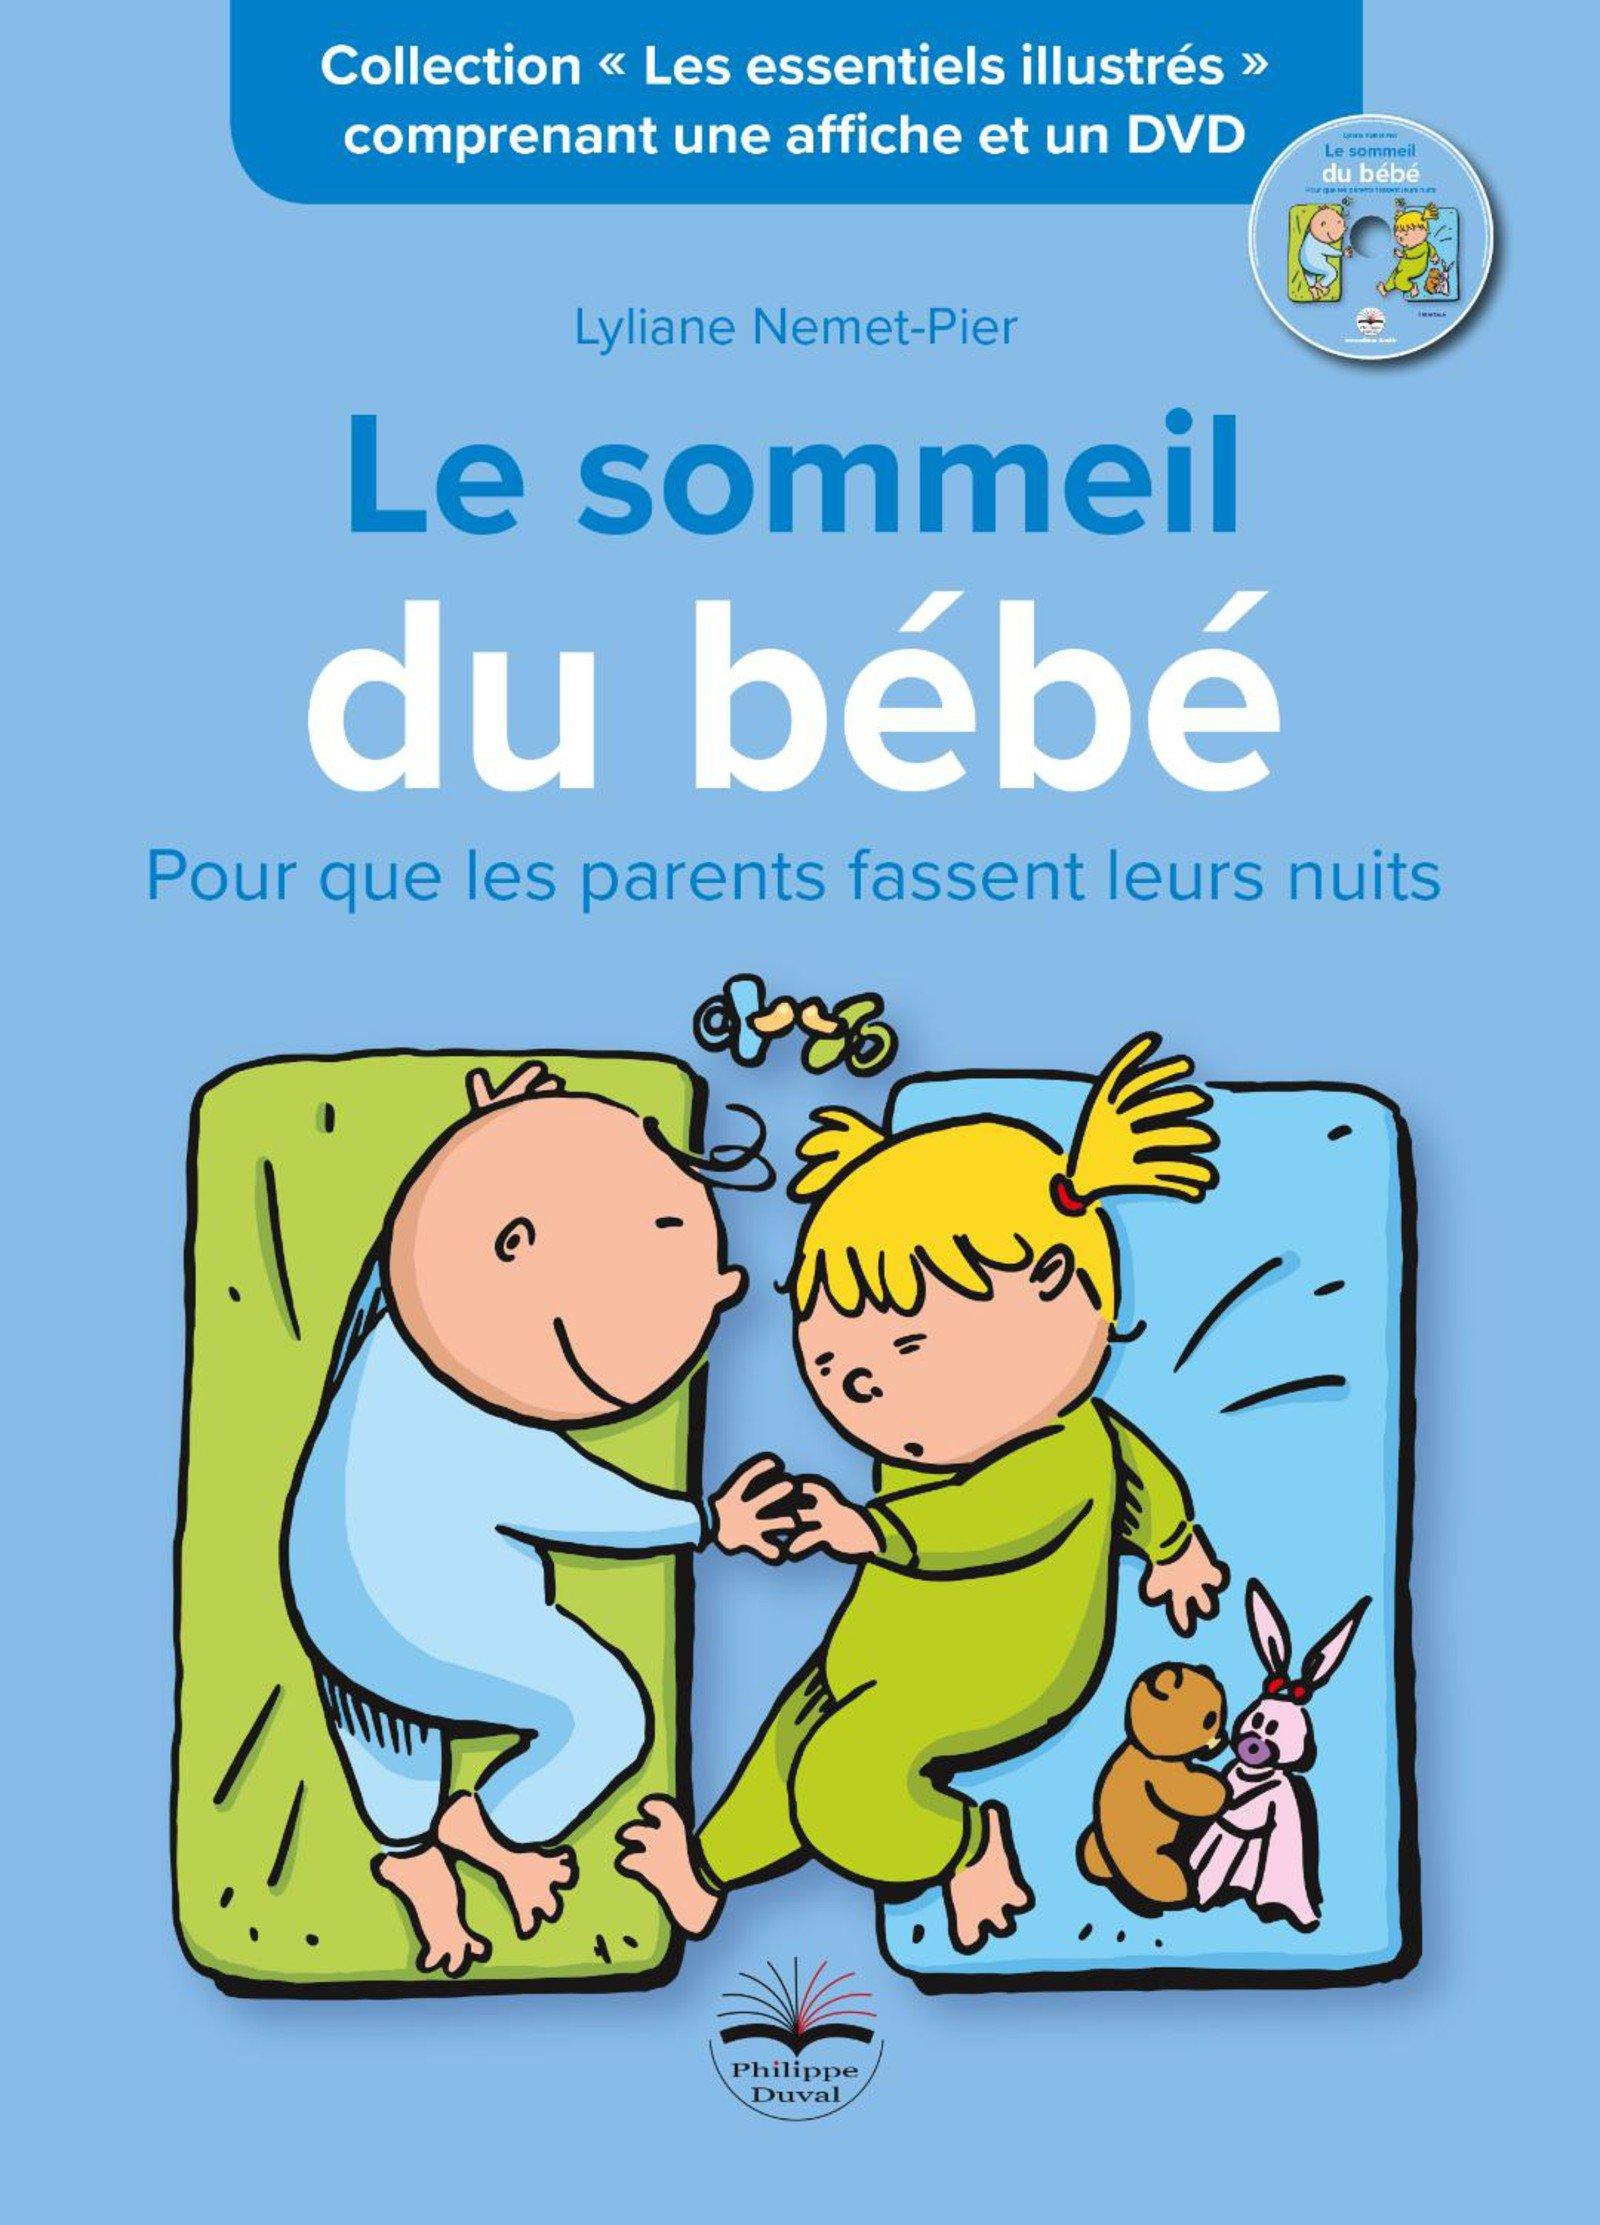 Amazon.fr - Le sommeil de bébé: Pour que les parents fassent leurs nuits.  Comprenant une affiche et un DVD - Lyliane Nemet-Pier - Livres